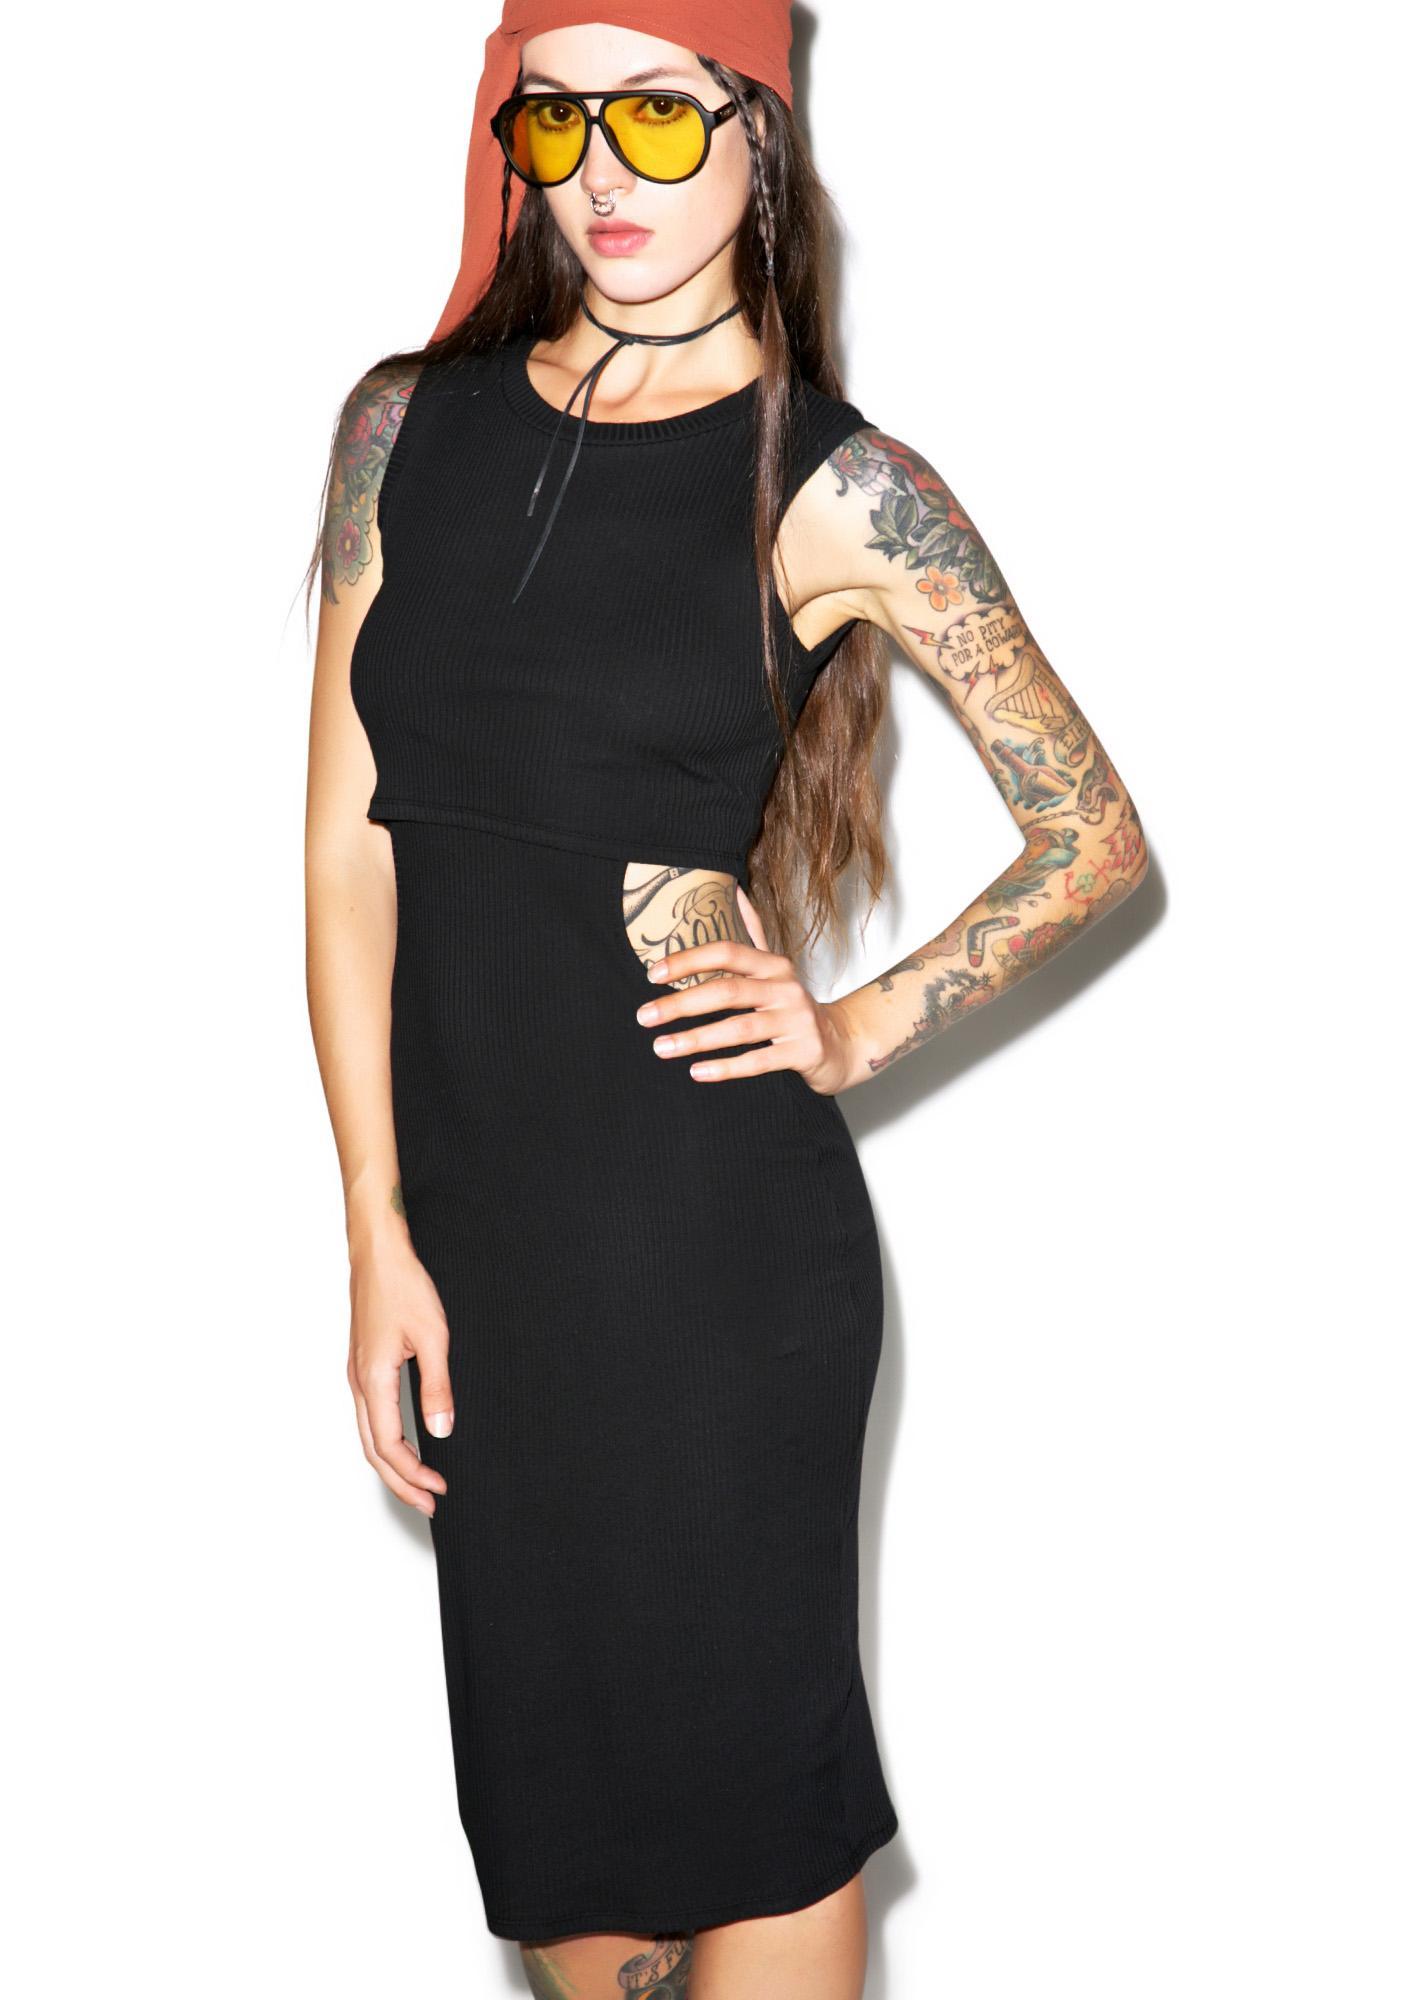 Sidechick Bodycon Dress